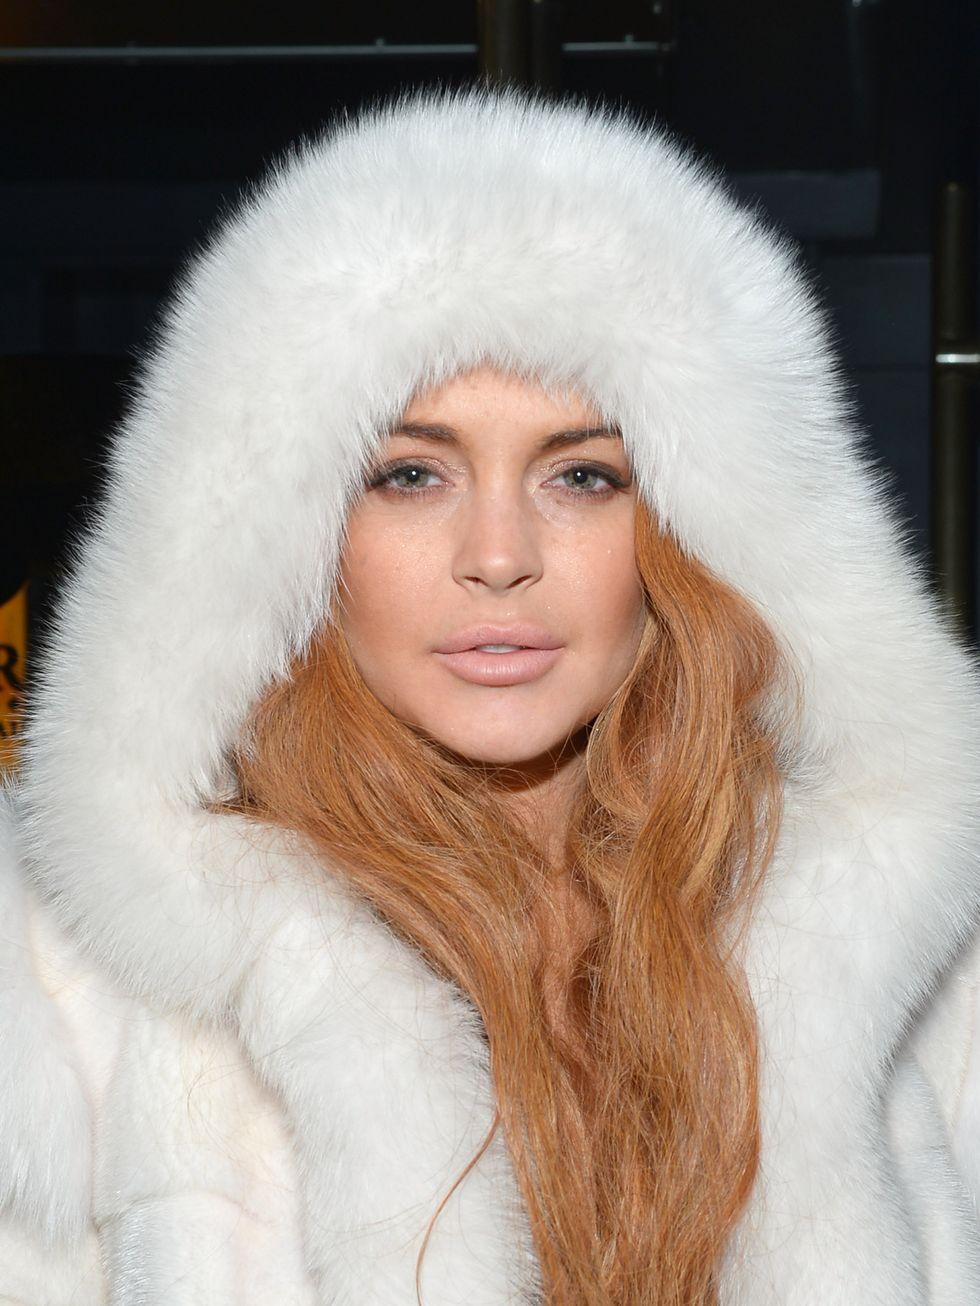 Lindsay Lohan è incinta. Pesce d'aprile o verità?